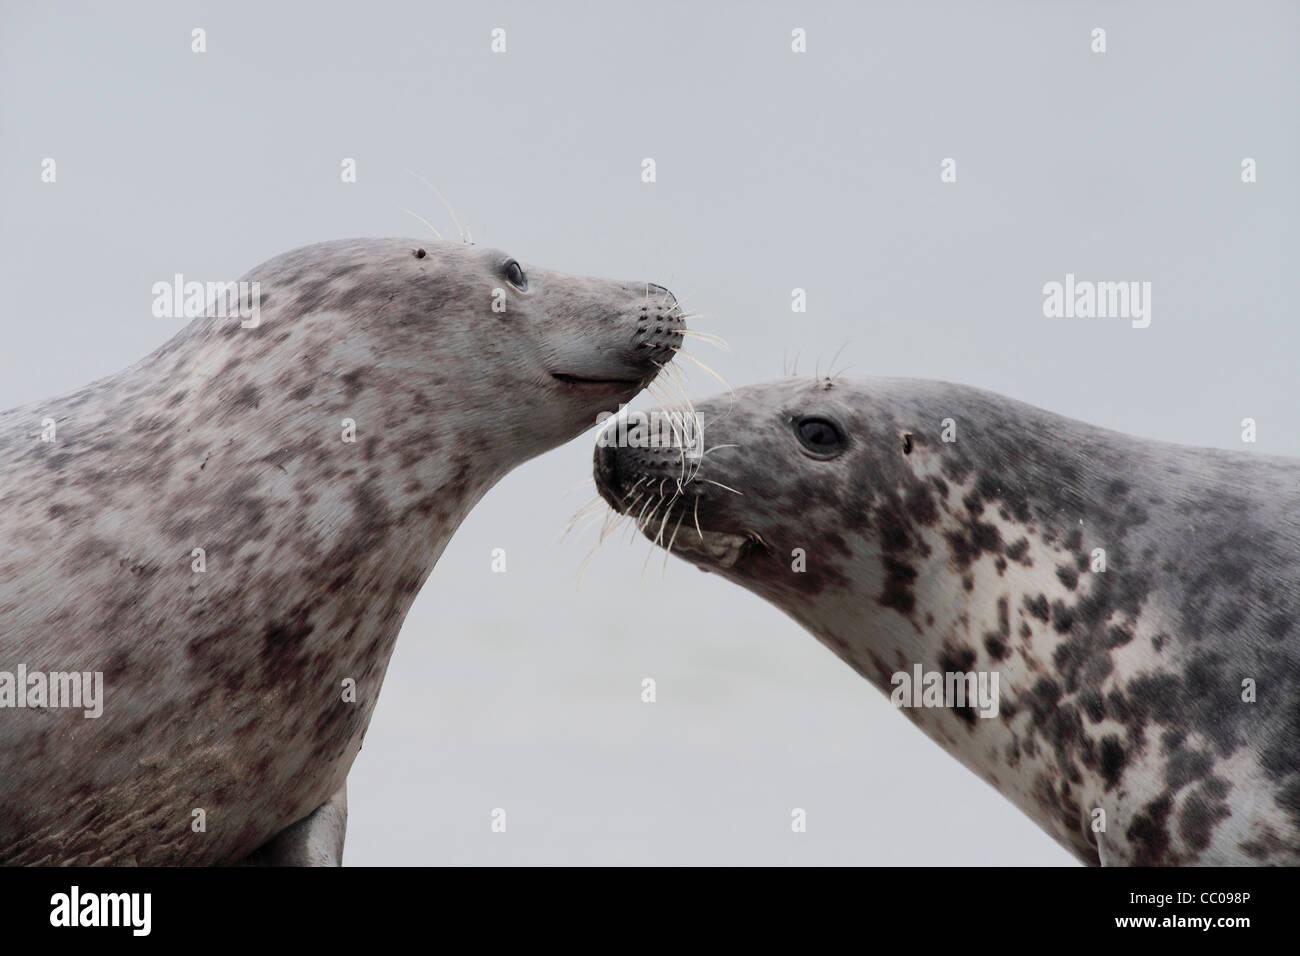 Sozialverhalten zwischen Kegelrobben; Latein: Halichoerus grypus Stockbild